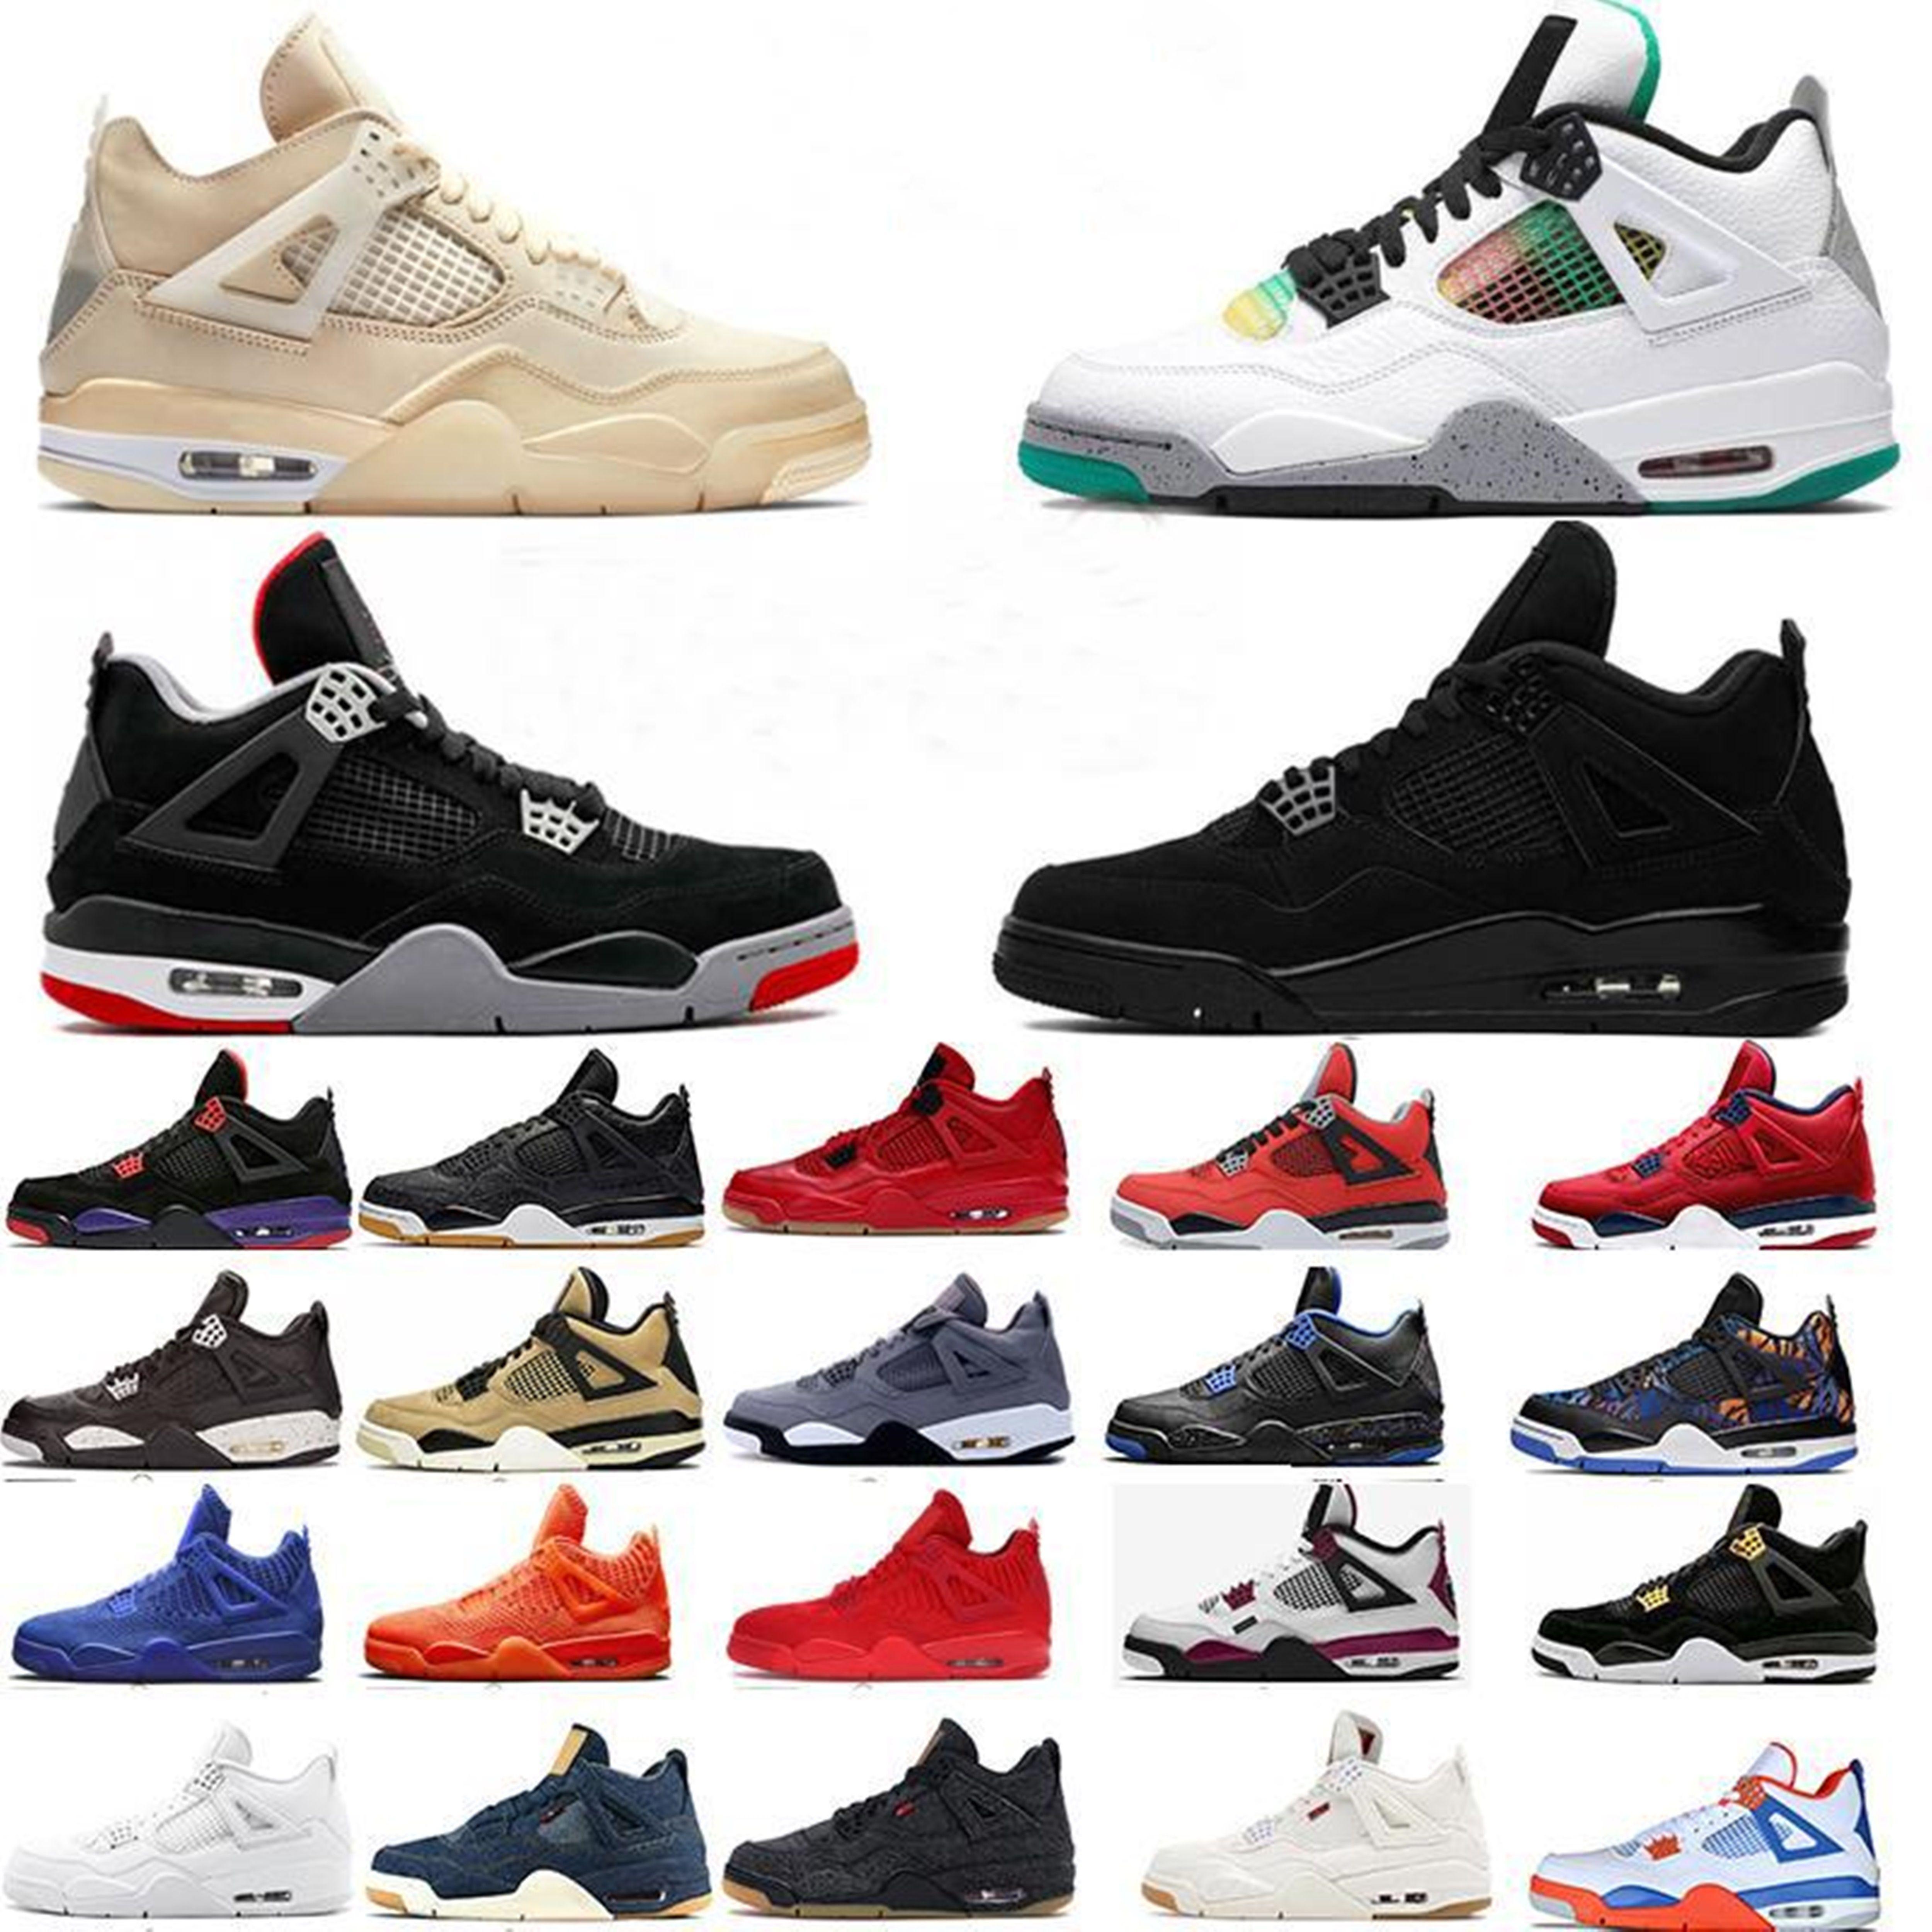 Chaussures de sport de concepteur 4 hommes femmes chaussures de basketball 4s Nouveau Jumpman Sneakers Taille 12 Noir Cat Fire Red Bred IV Cactus Jack entraîneurs